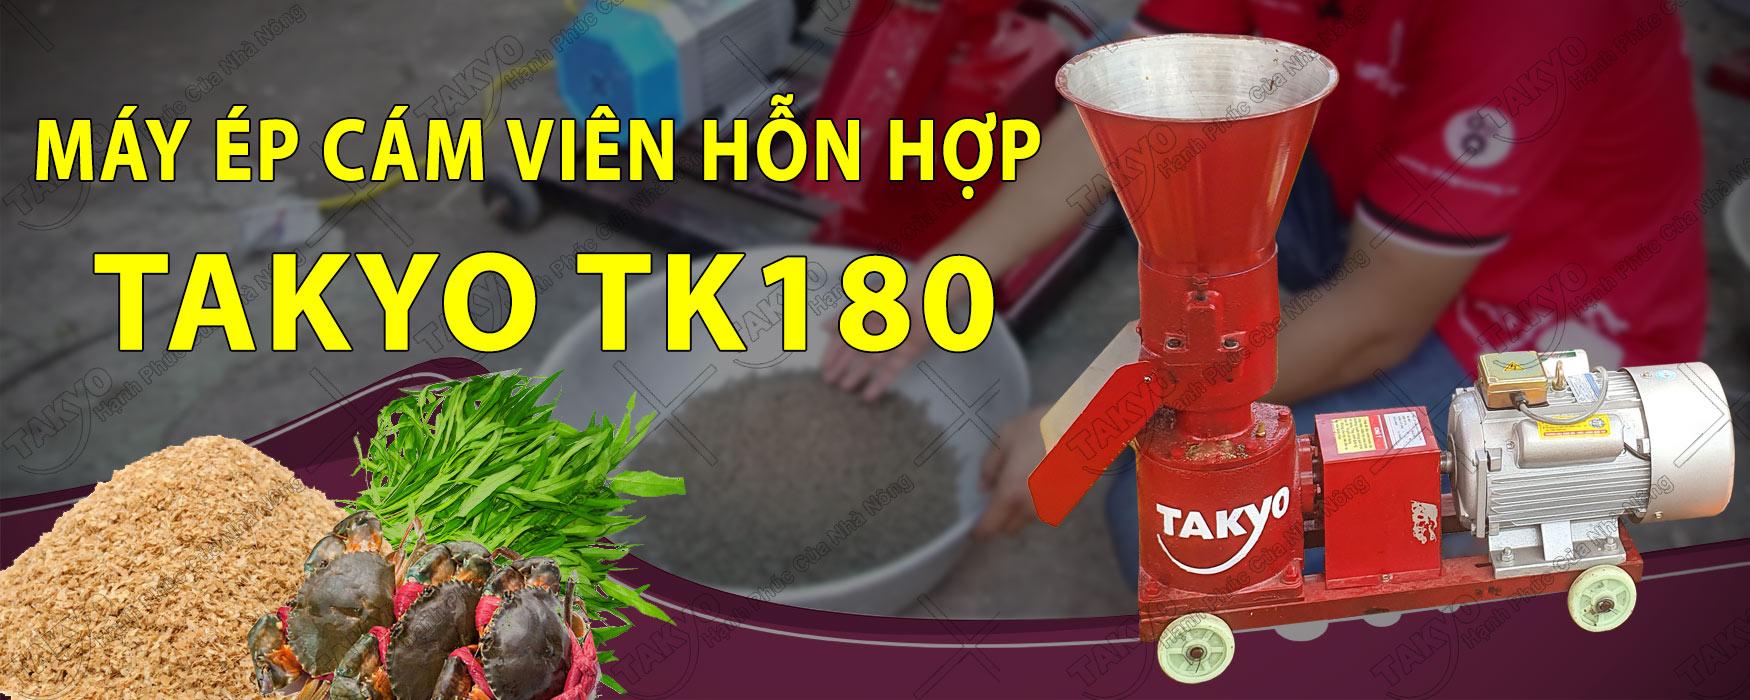 Máy ép cám viên Takyo TK 180